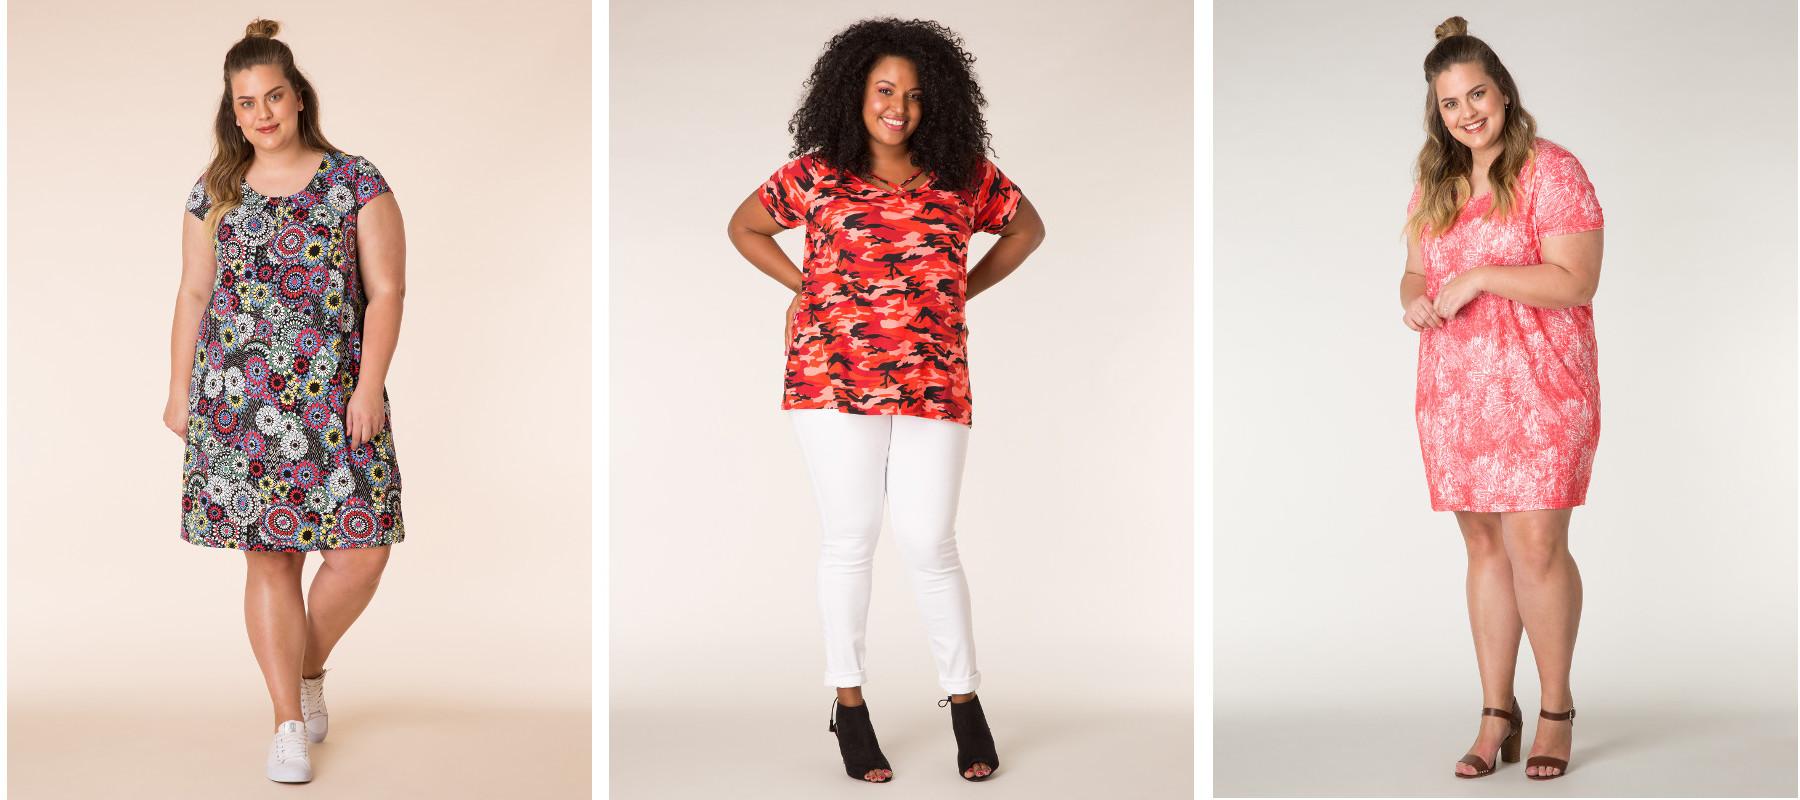 Vårkläder för tjejer kvinnor damer i stora storlekar